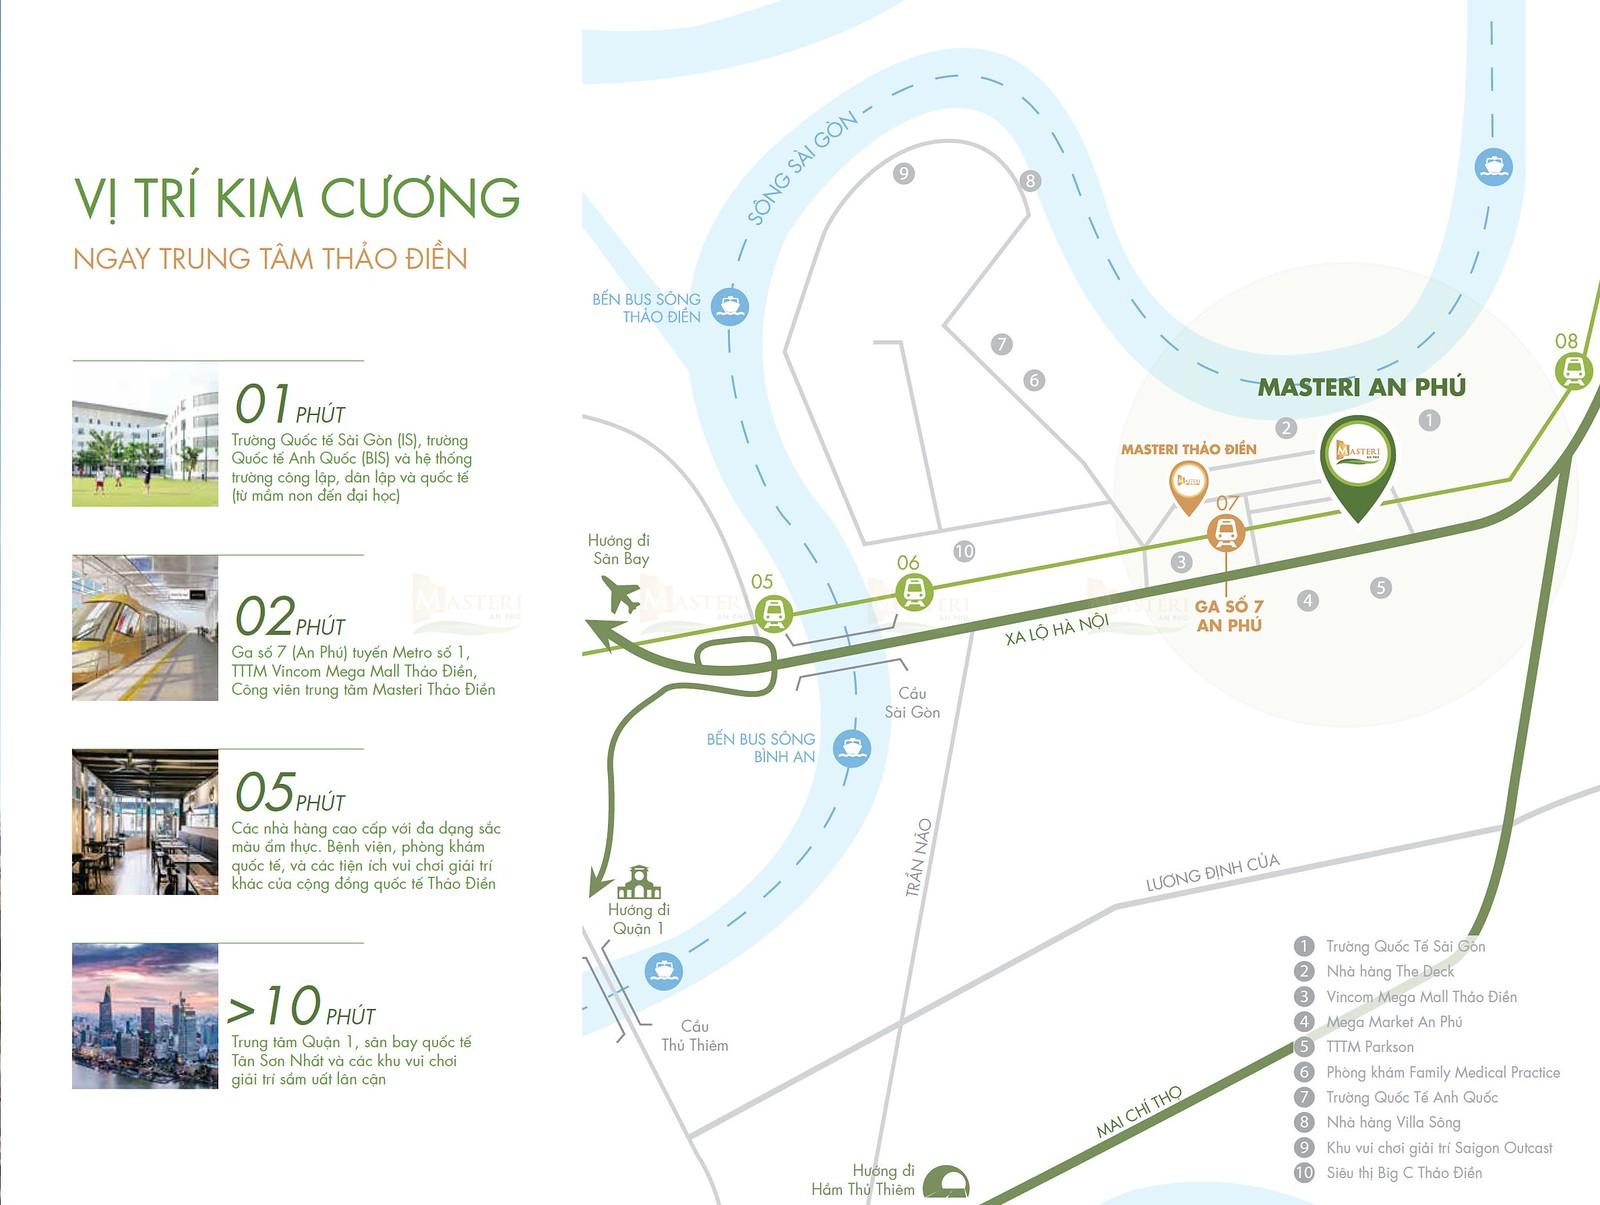 Masteri An Phú và vị trí cực đẹp giữa trung tâm Thảo Điền sầm uất